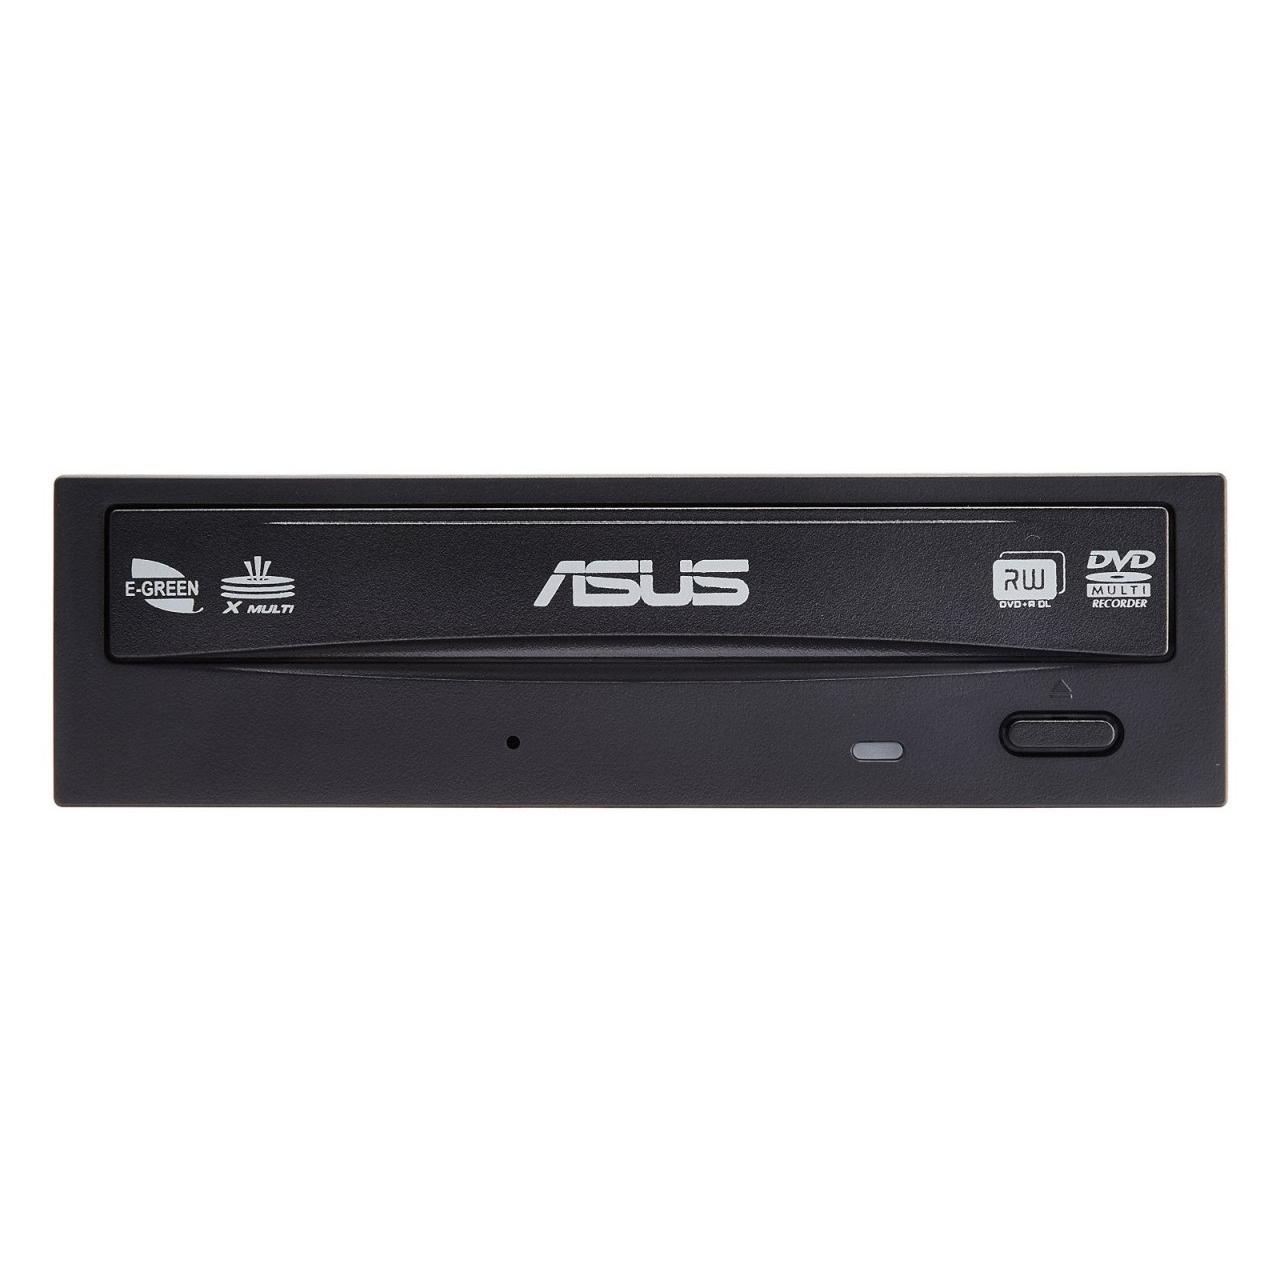 درايو DVD اينترنال ايسوس مدل DRW-24D3sT بدون جعبه